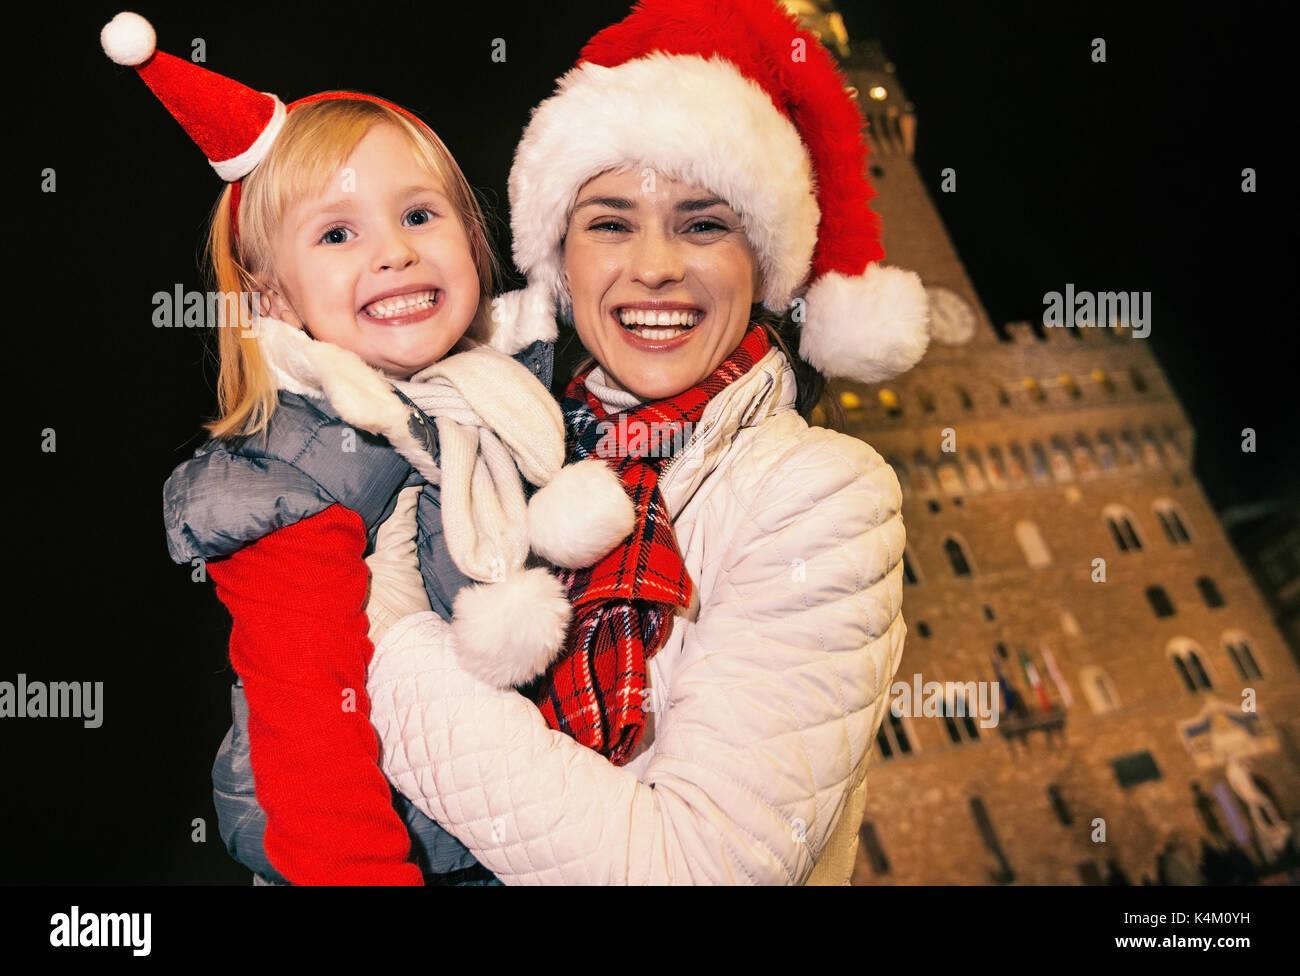 Viaggio pieno di ispirazione al tempo di Natale a Firenze. Sorridendo  moderna madre e figlia b6416c8165d1